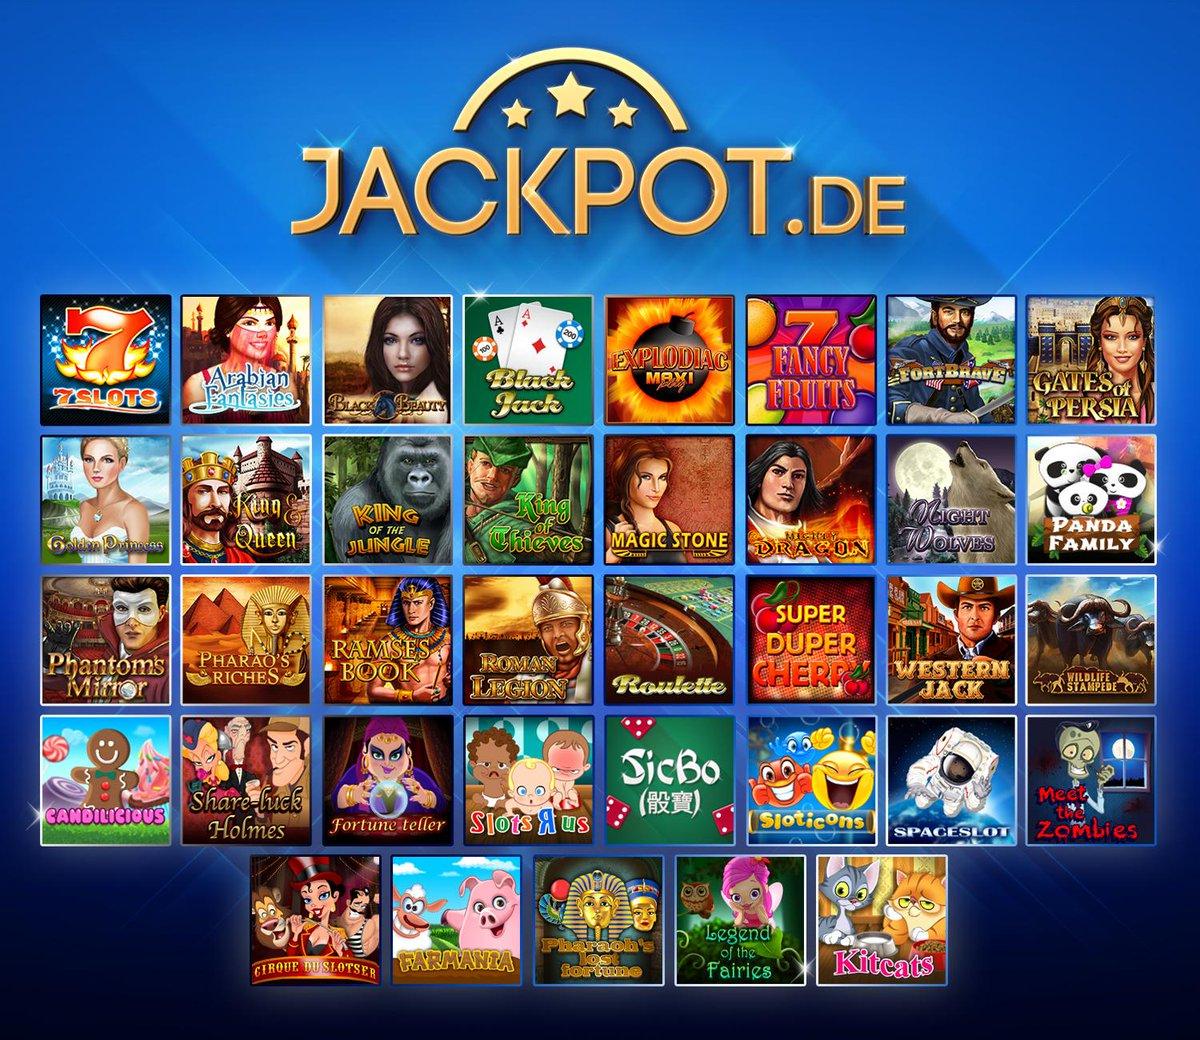 Live Casinospiele | Live.Casino.com Schweiz